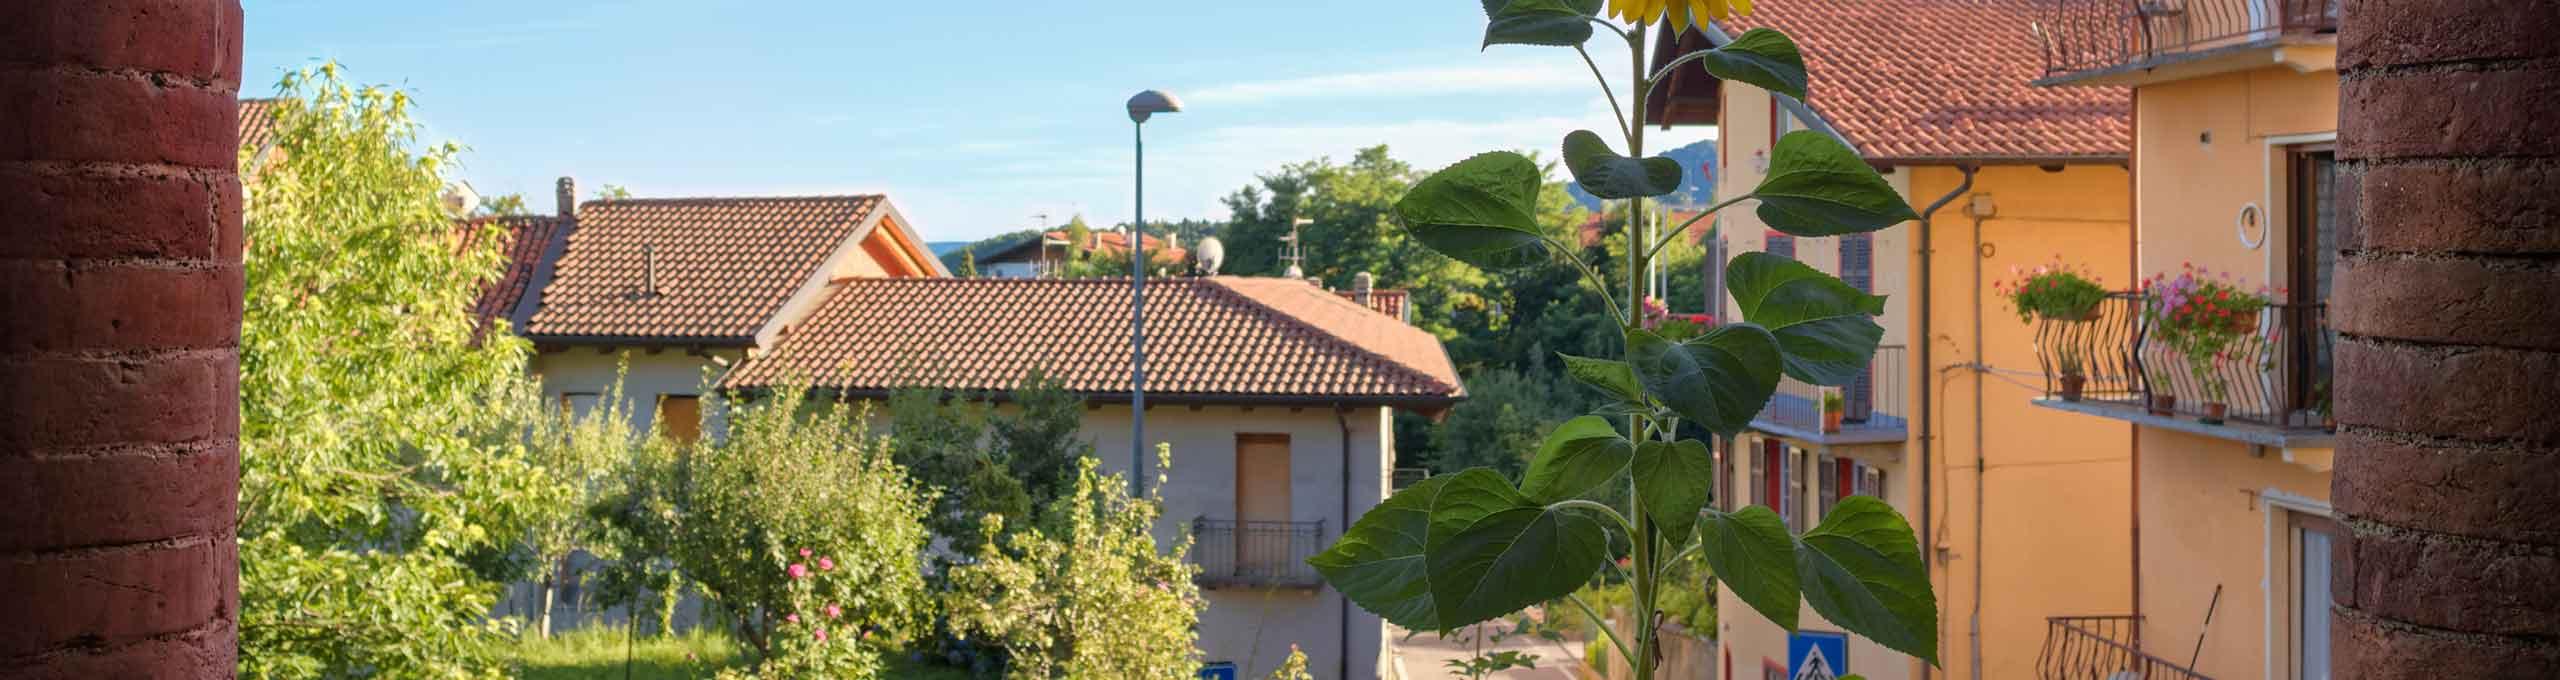 Tavigliano, Valle Cervo